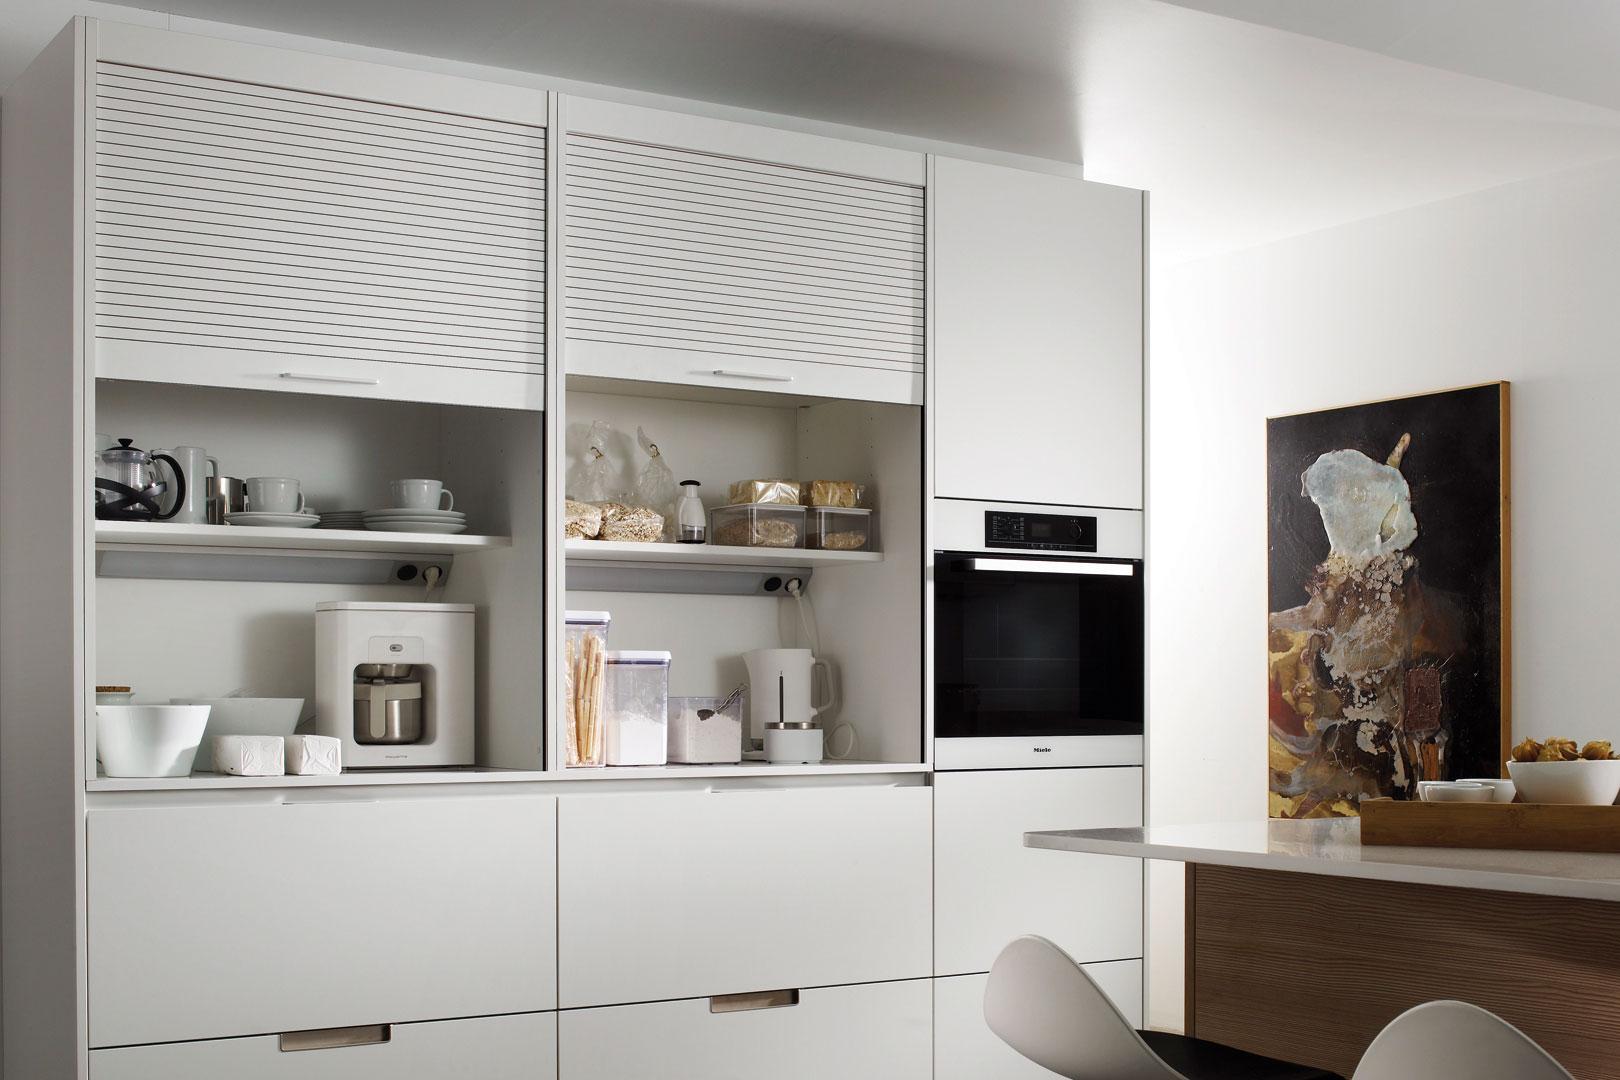 Muebles persiana para guardar pequeños electrodomésticos